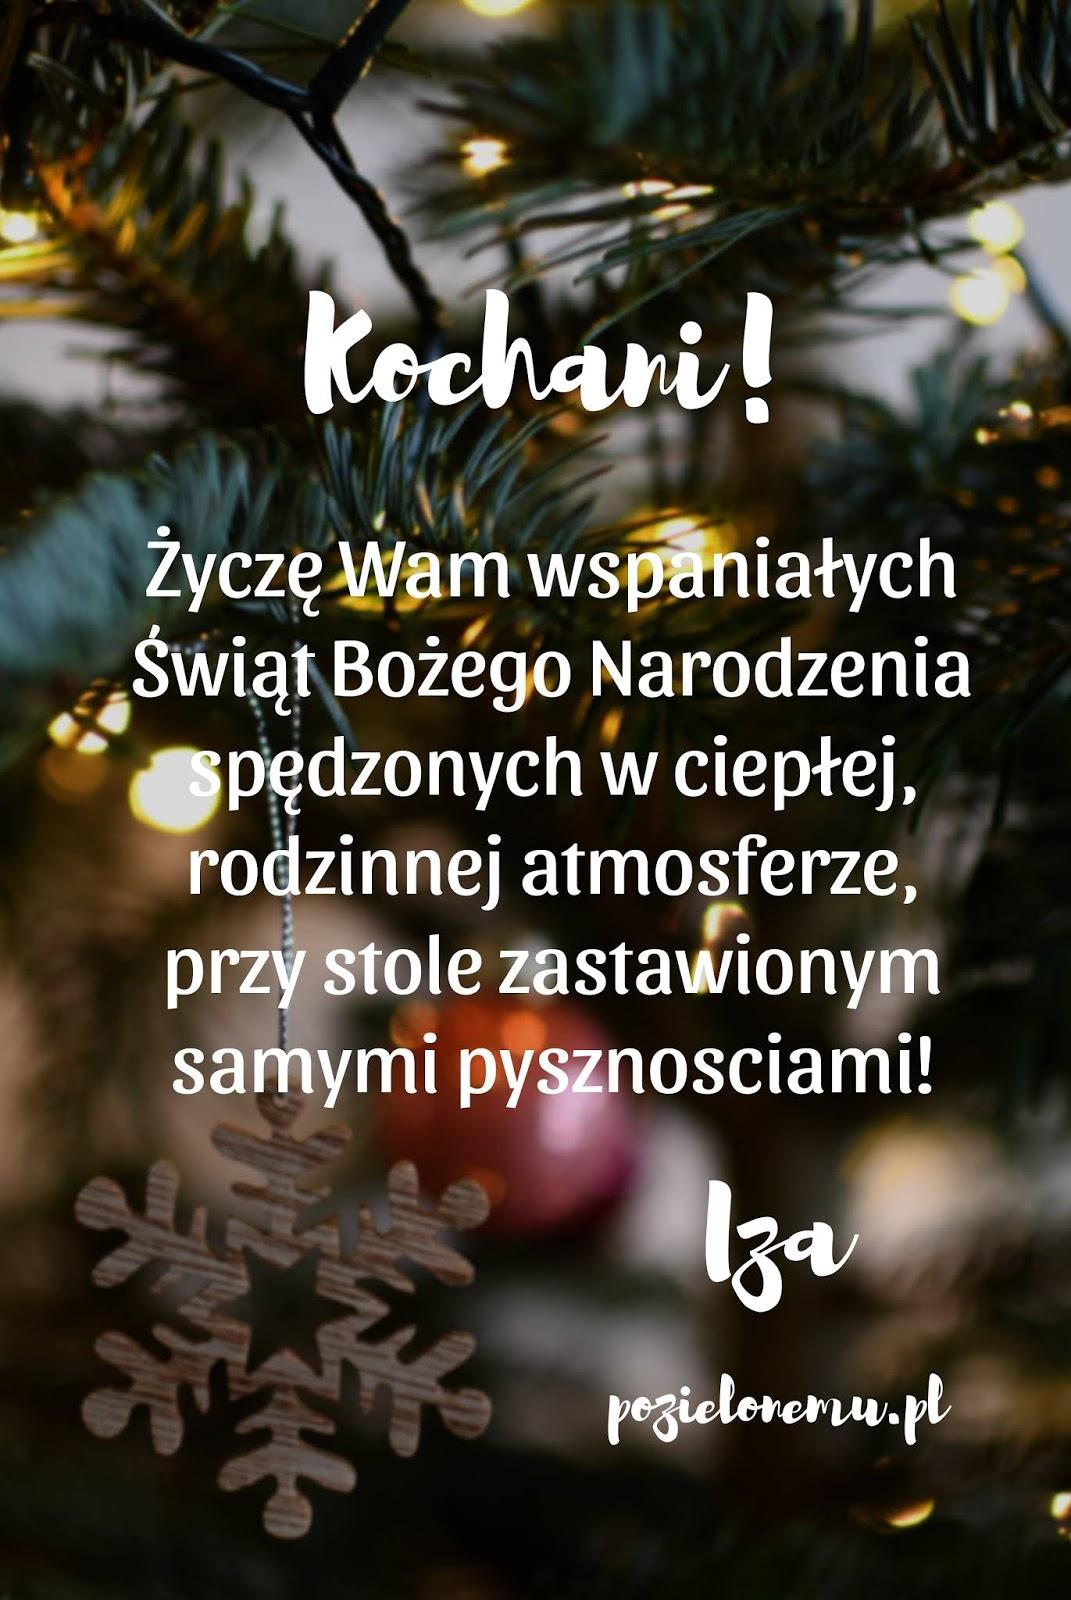 Boże Narodzenie 2019